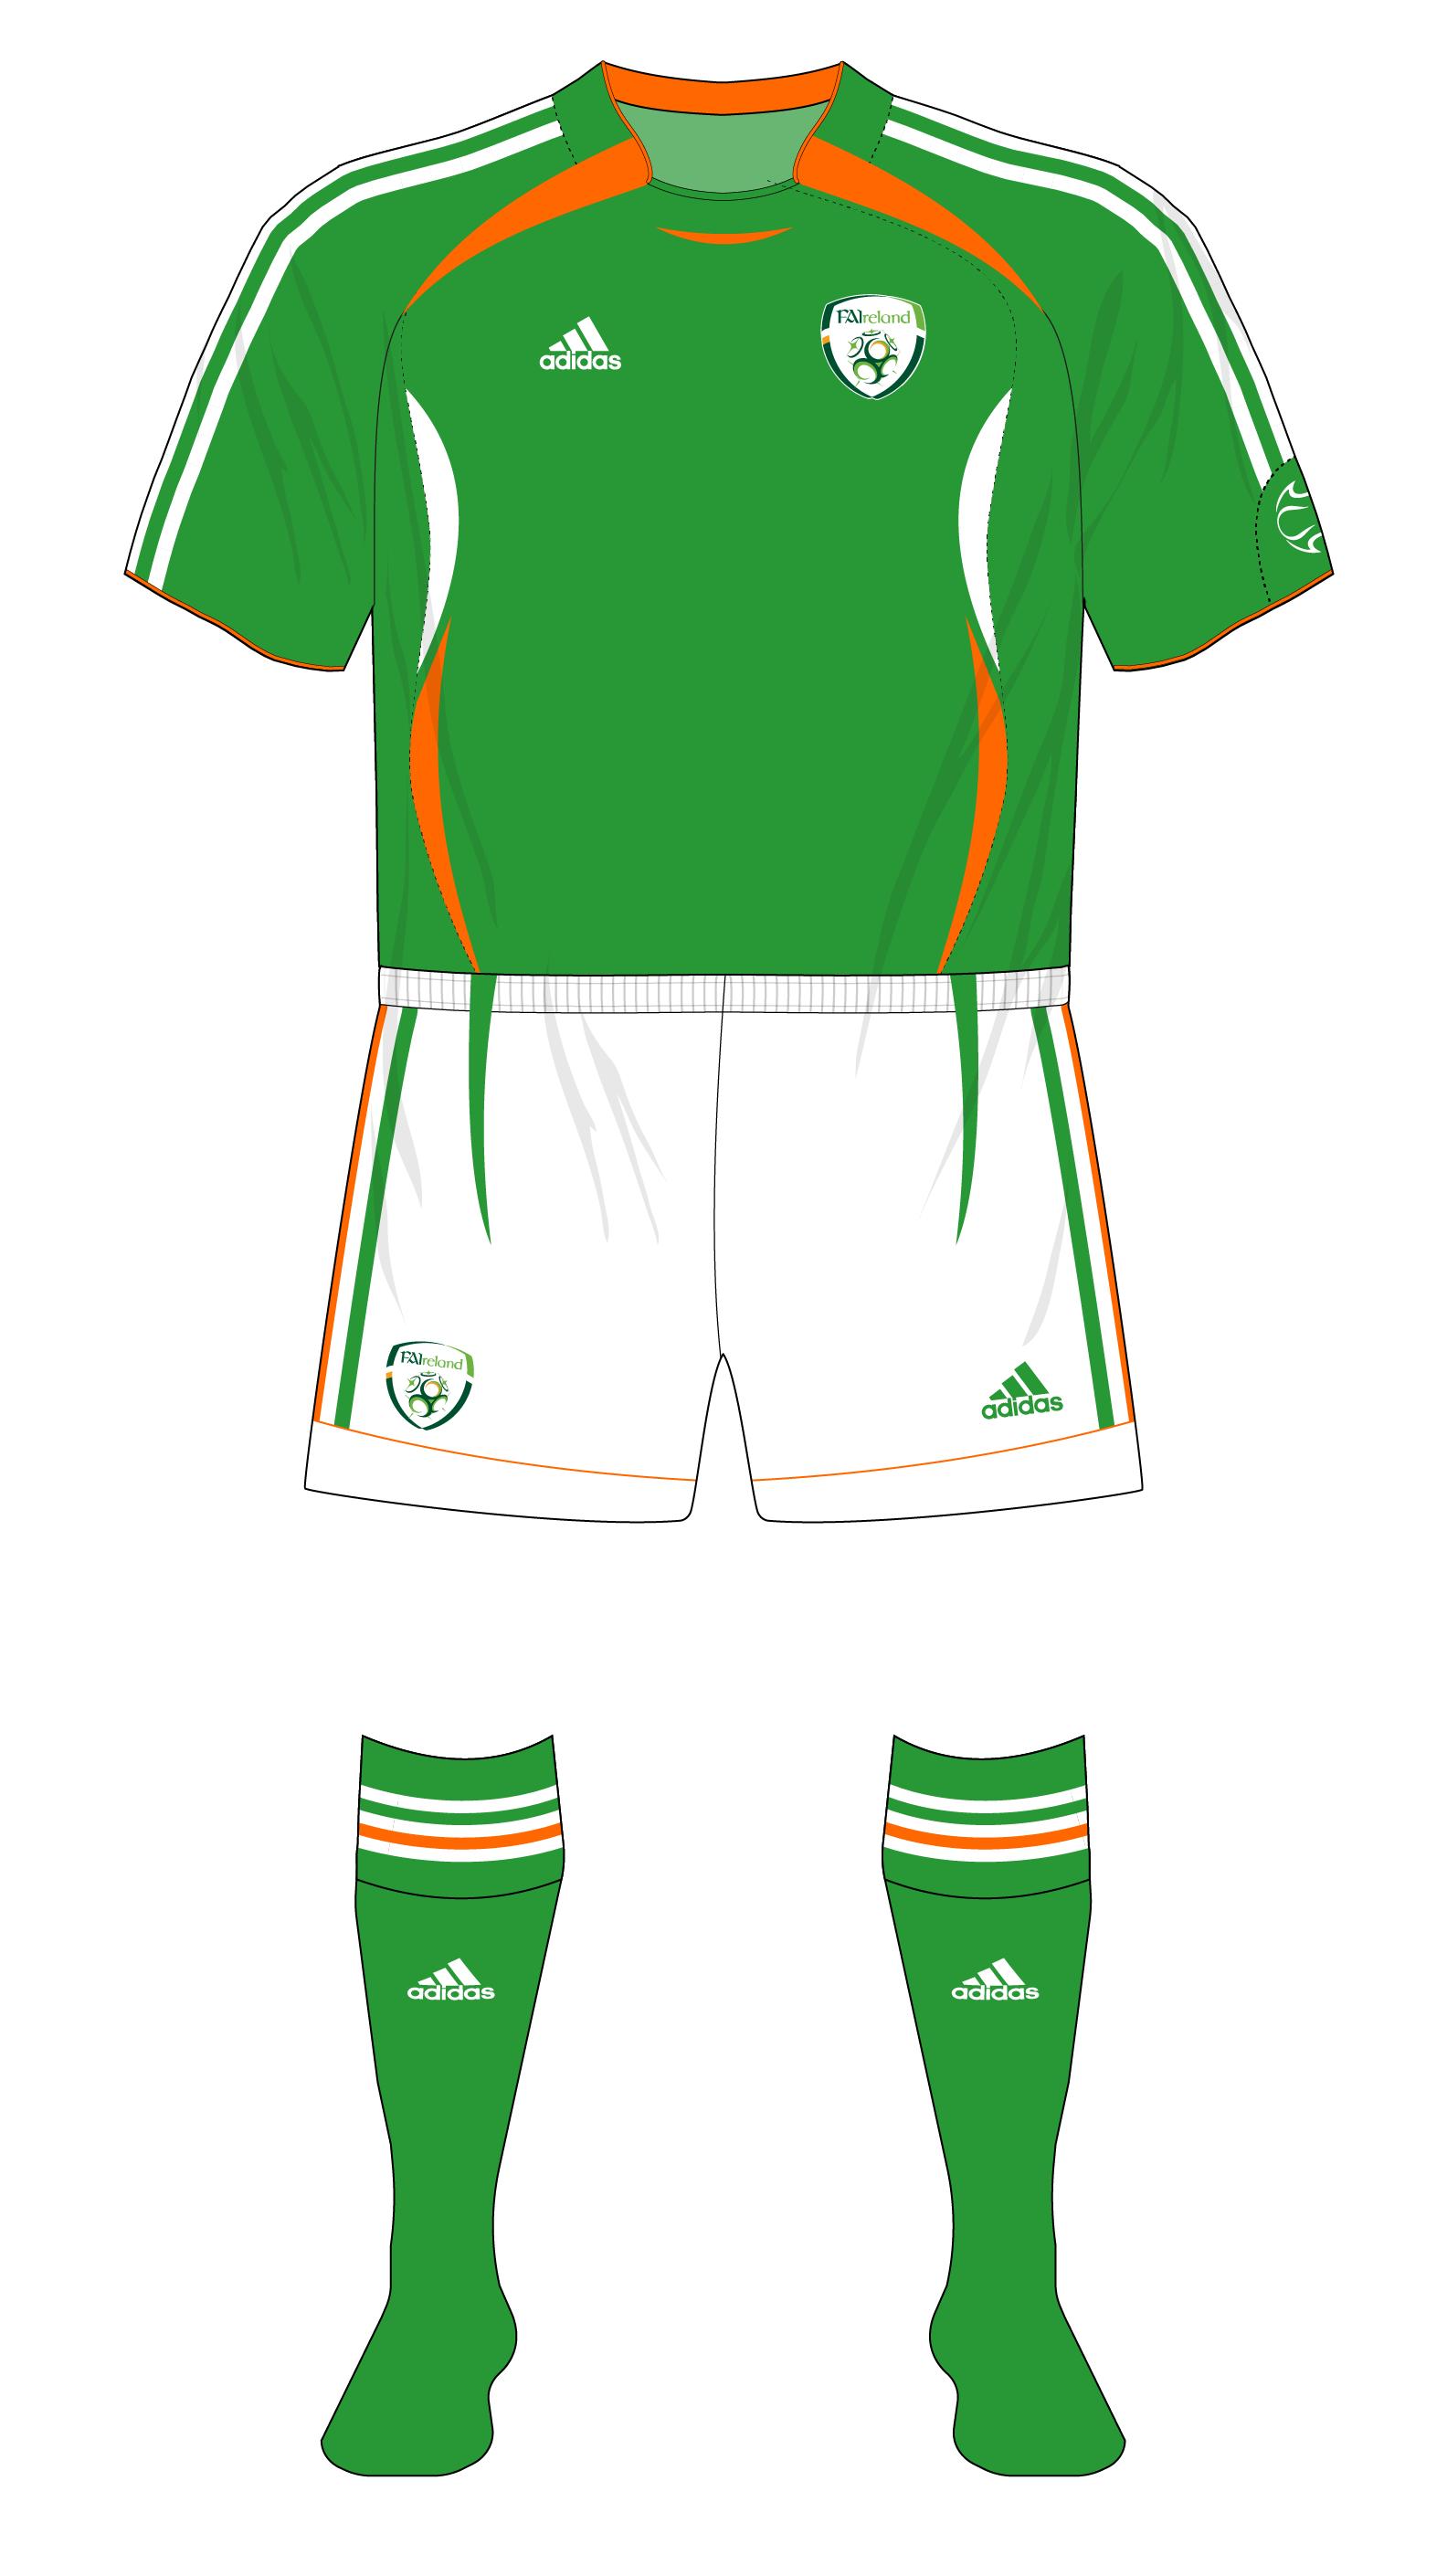 7fa4cad07 Fantasy Kit Friday - Republic of Ireland